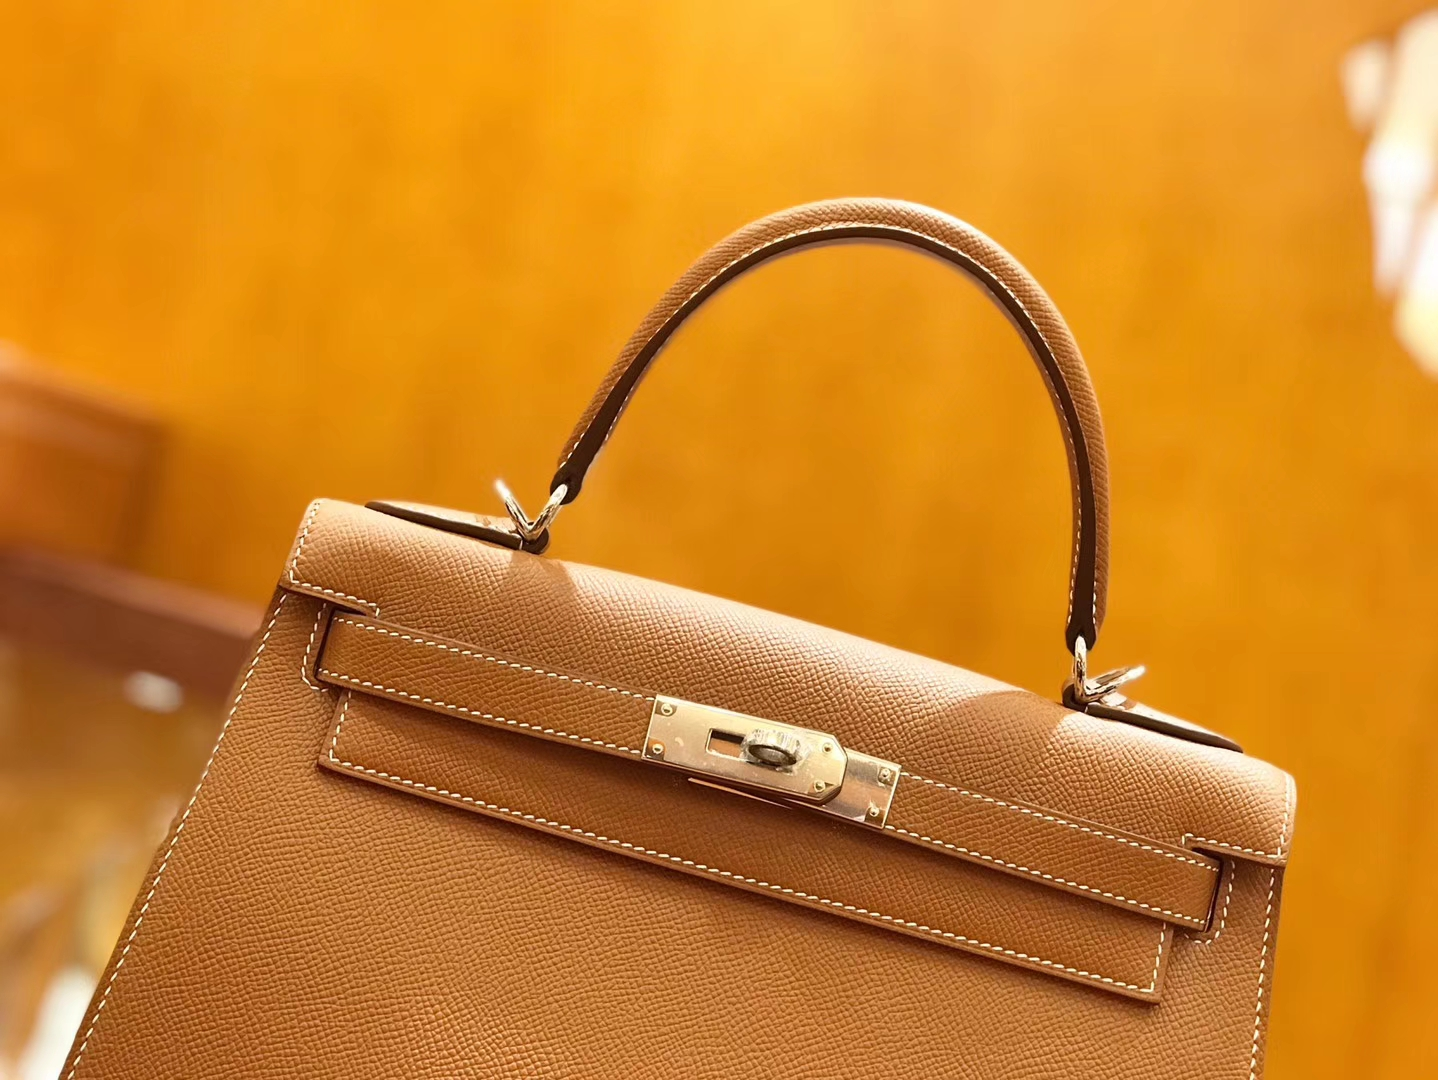 Hermès(爱马仕)Kelly 28cm 金棕色 银扣 掌纹牛皮 全手工缝制 现货